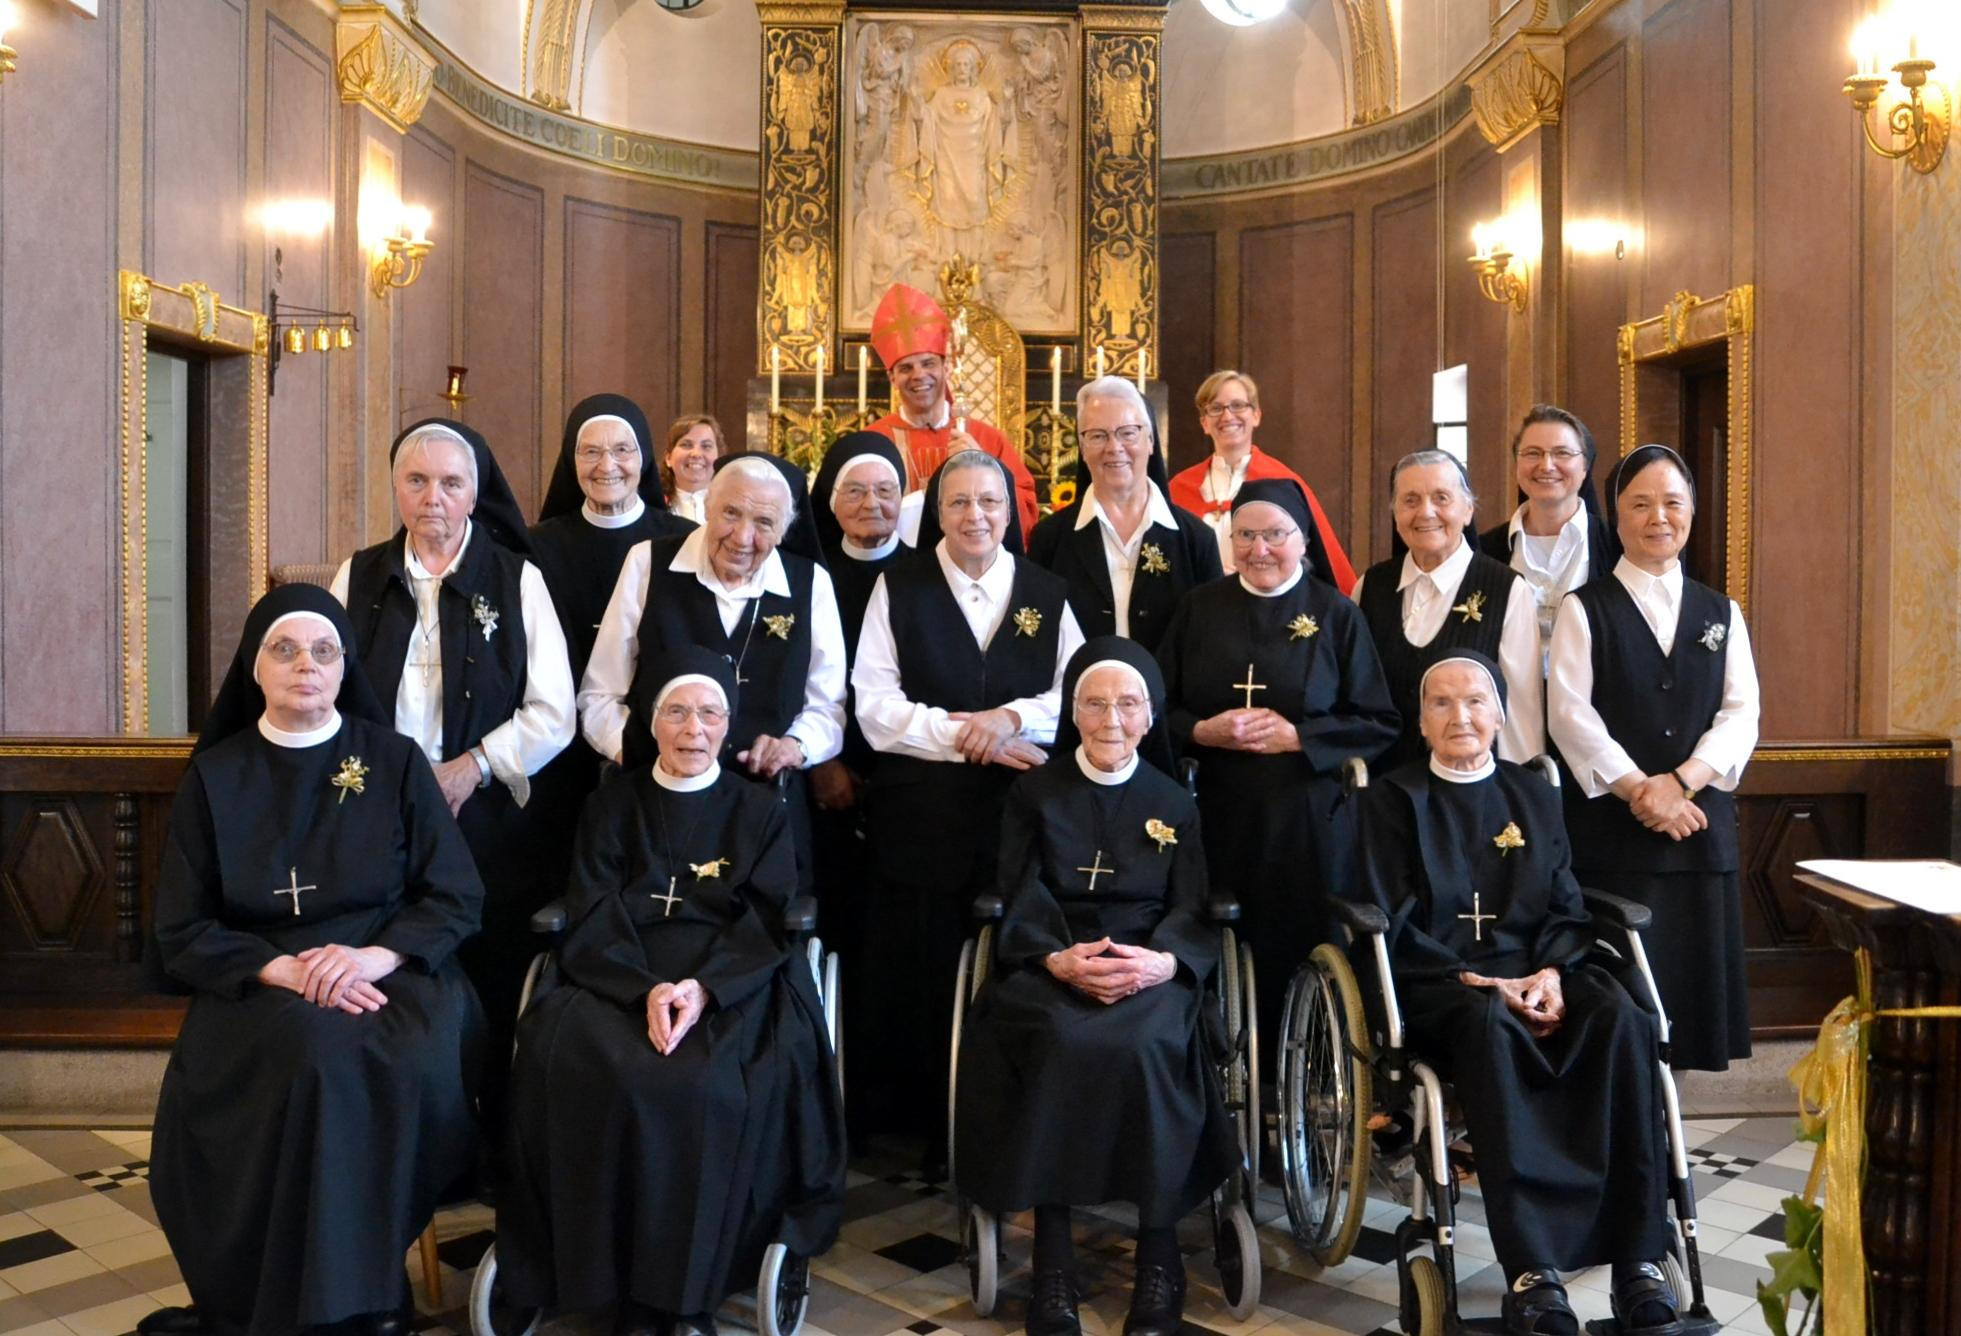 Professjubiläen im Provinzhaus Heiligkreuz AÖ mit Bischof Oster 14 08 2020 5